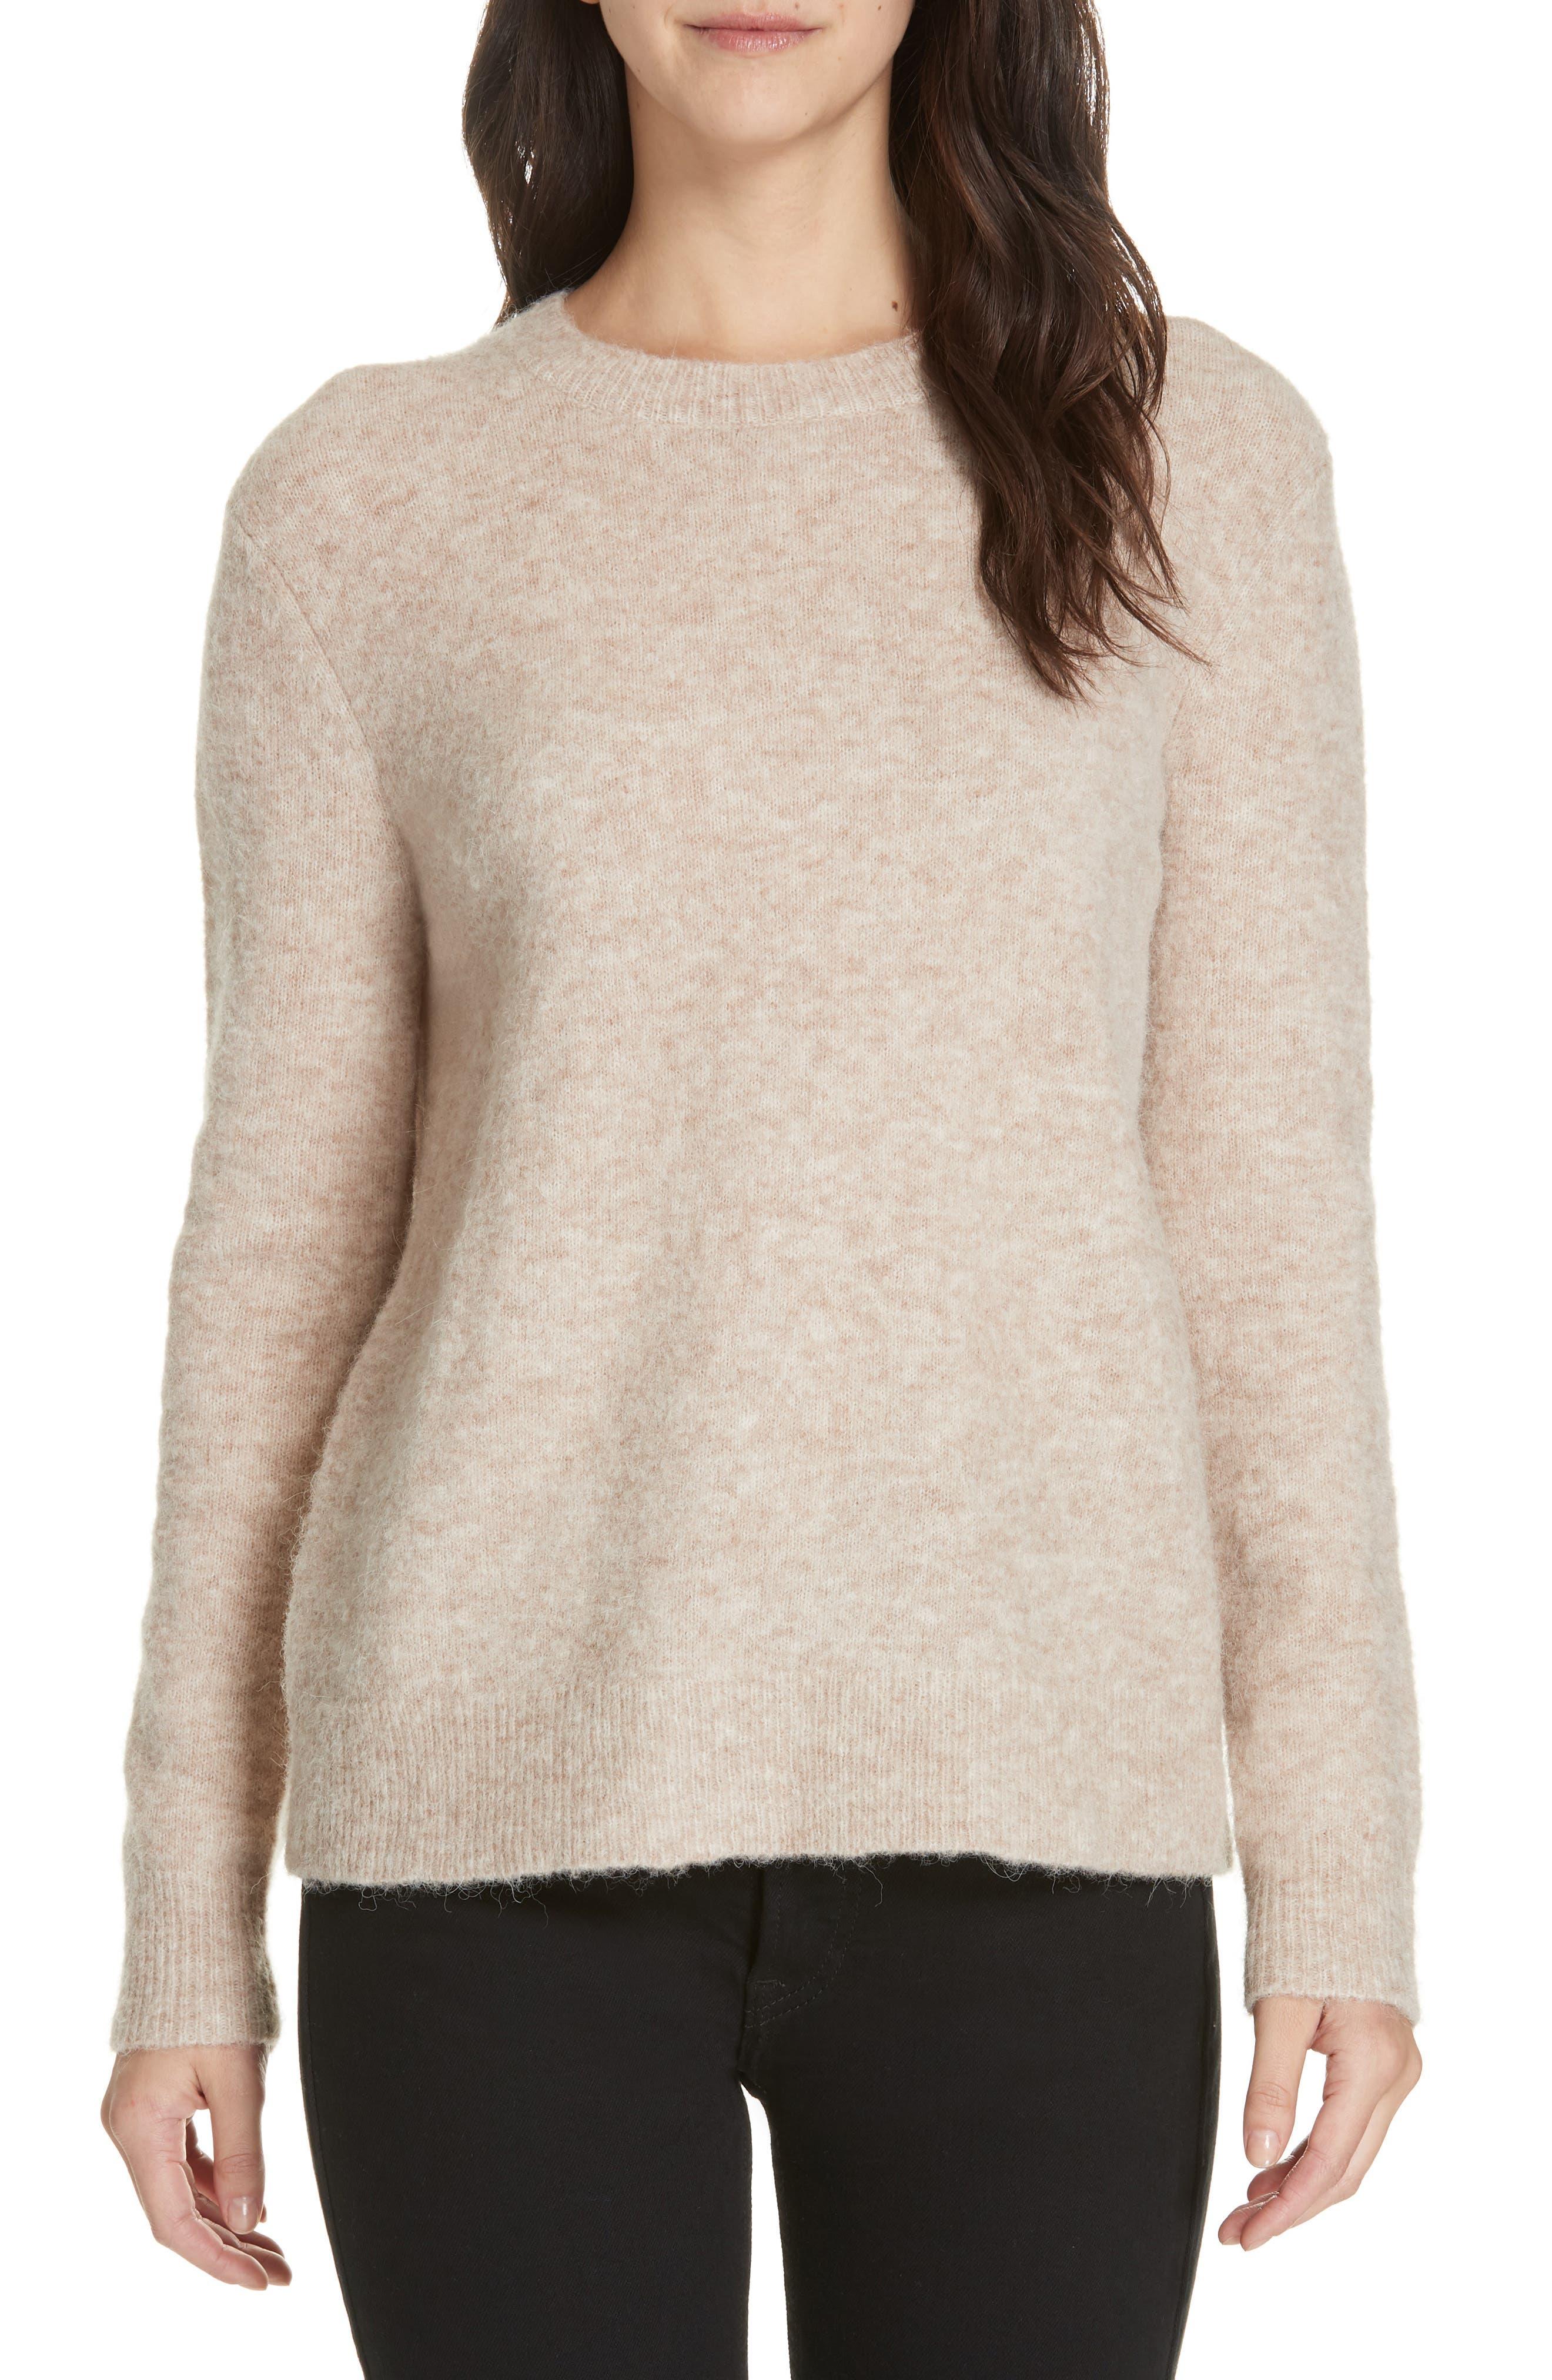 JENNI KAYNE Crewneck Sweater in Oatmeal